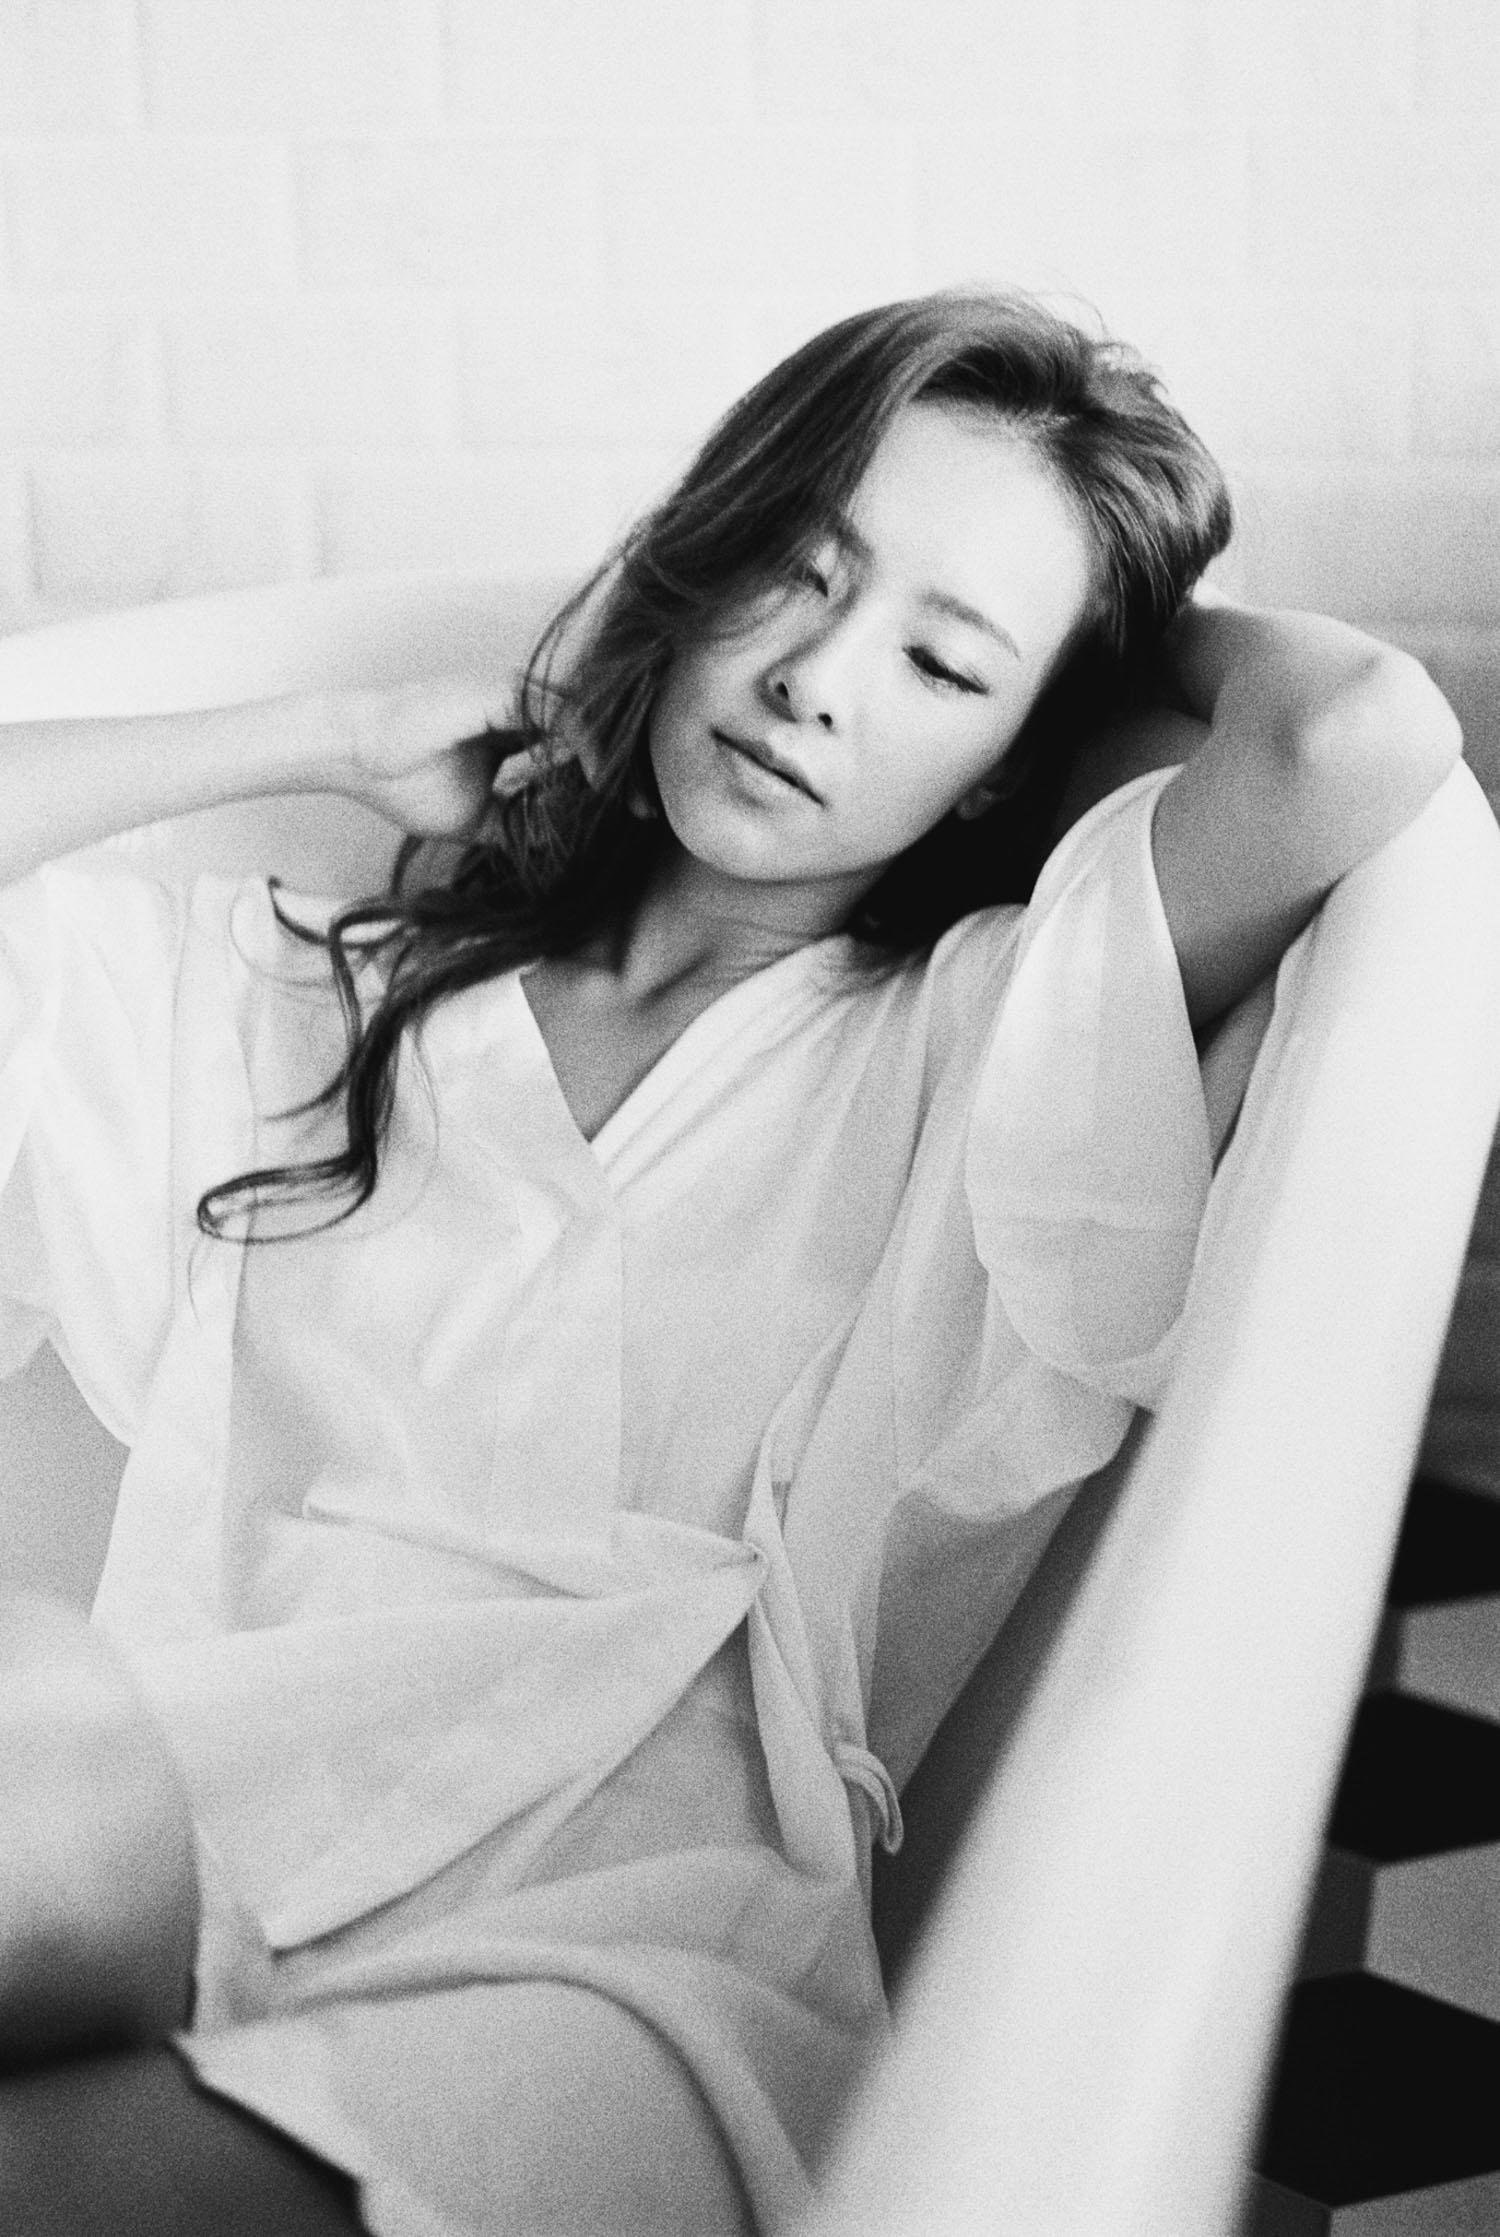 Christy 陳瑋薇